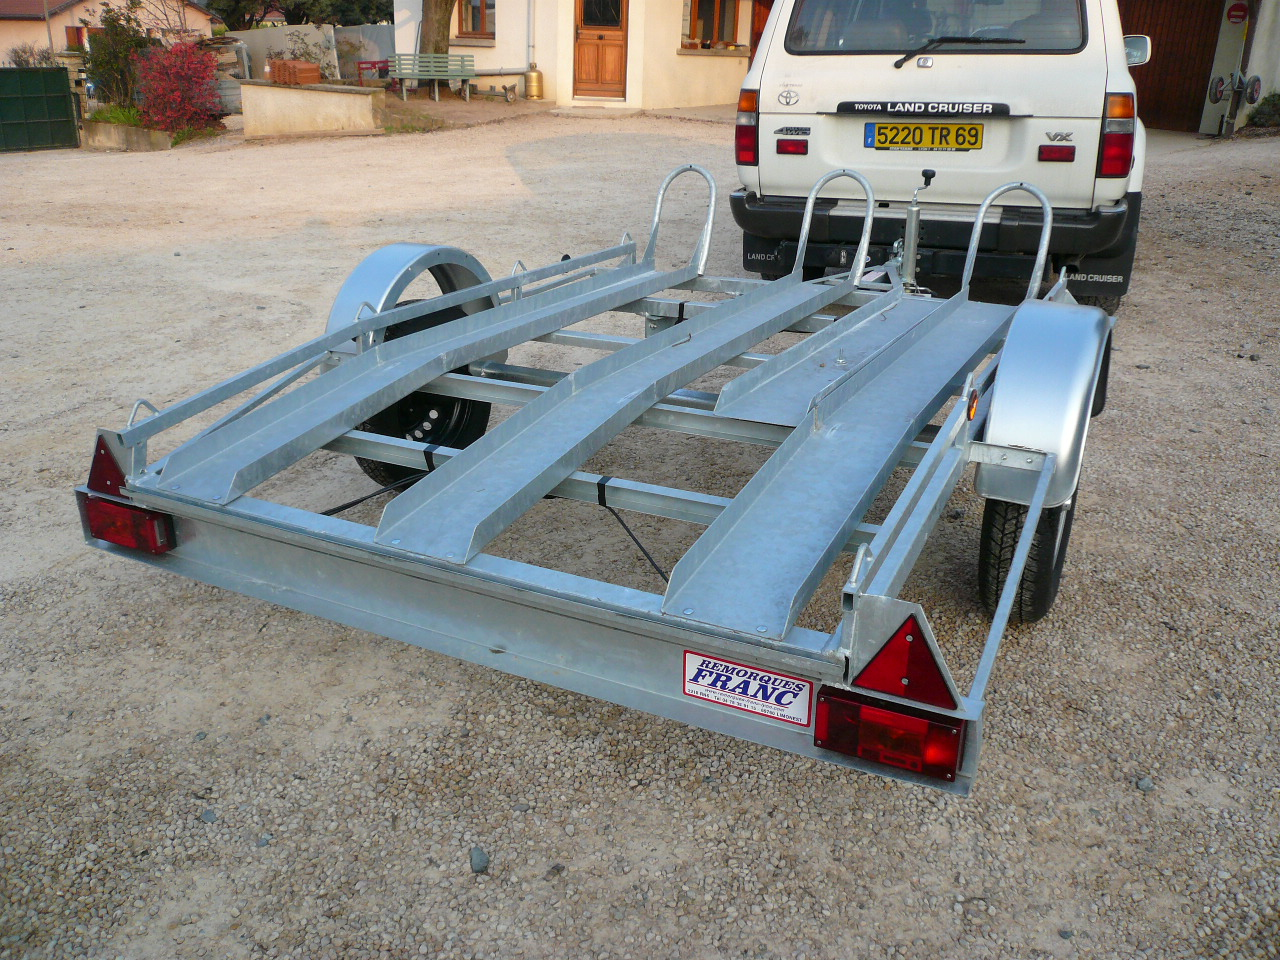 Porte moto 3 rails xl ptc 750 kg chez remorques franc - Remorque porte moto grosse cylindree ...